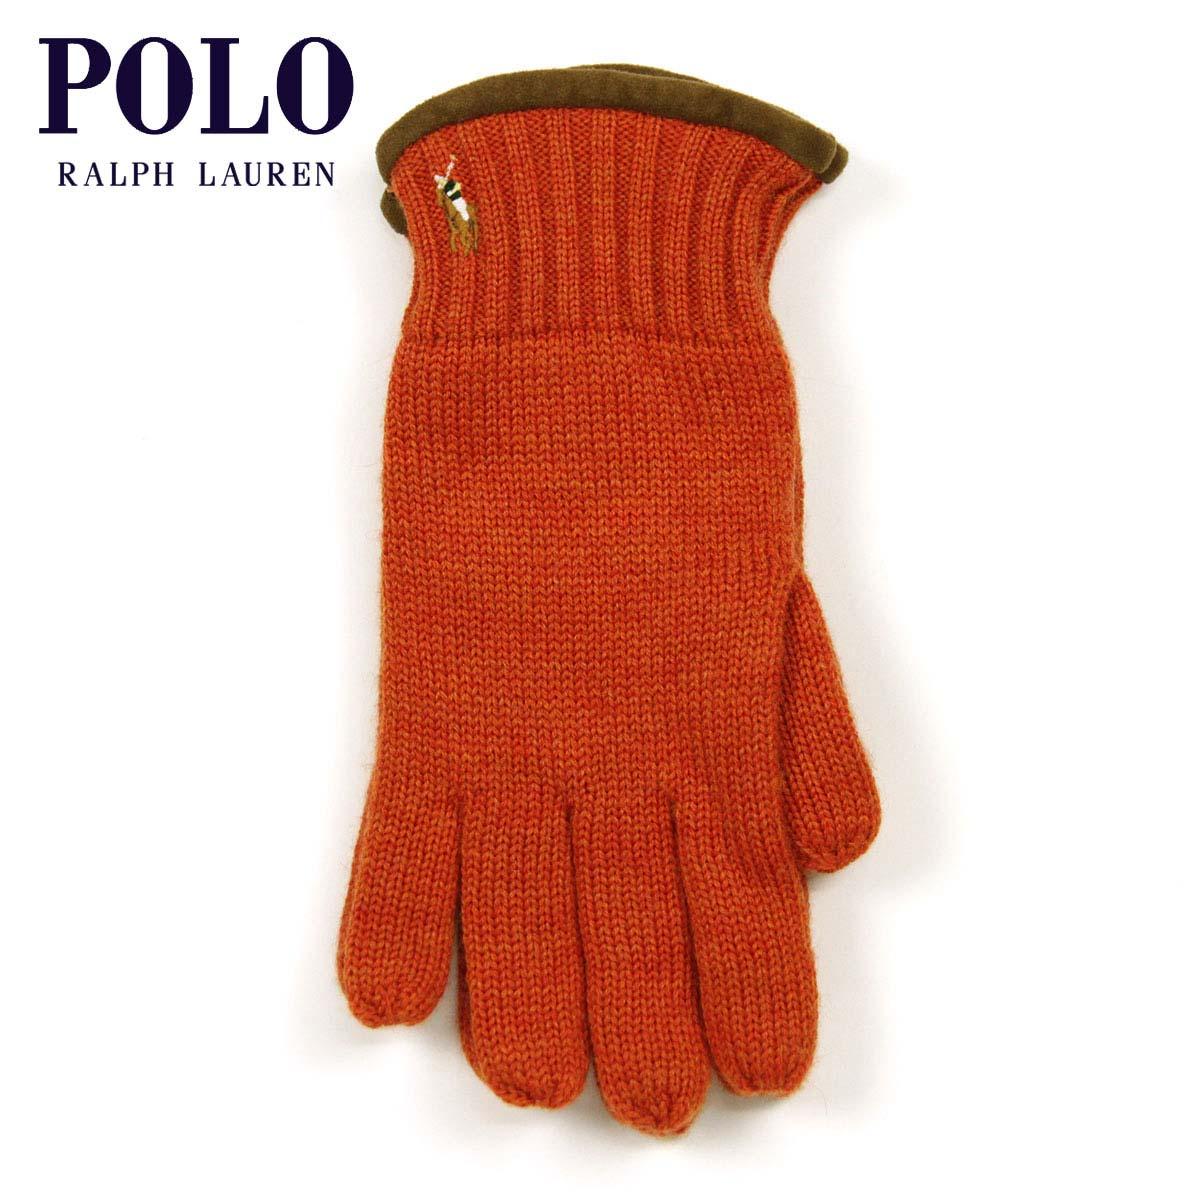 【販売期間 7/3 13:00~7/9 9:59】 ポロ ラルフローレン POLO RALPH LAUREN 正規品 手袋 Classic Merino Gloves ORANGE